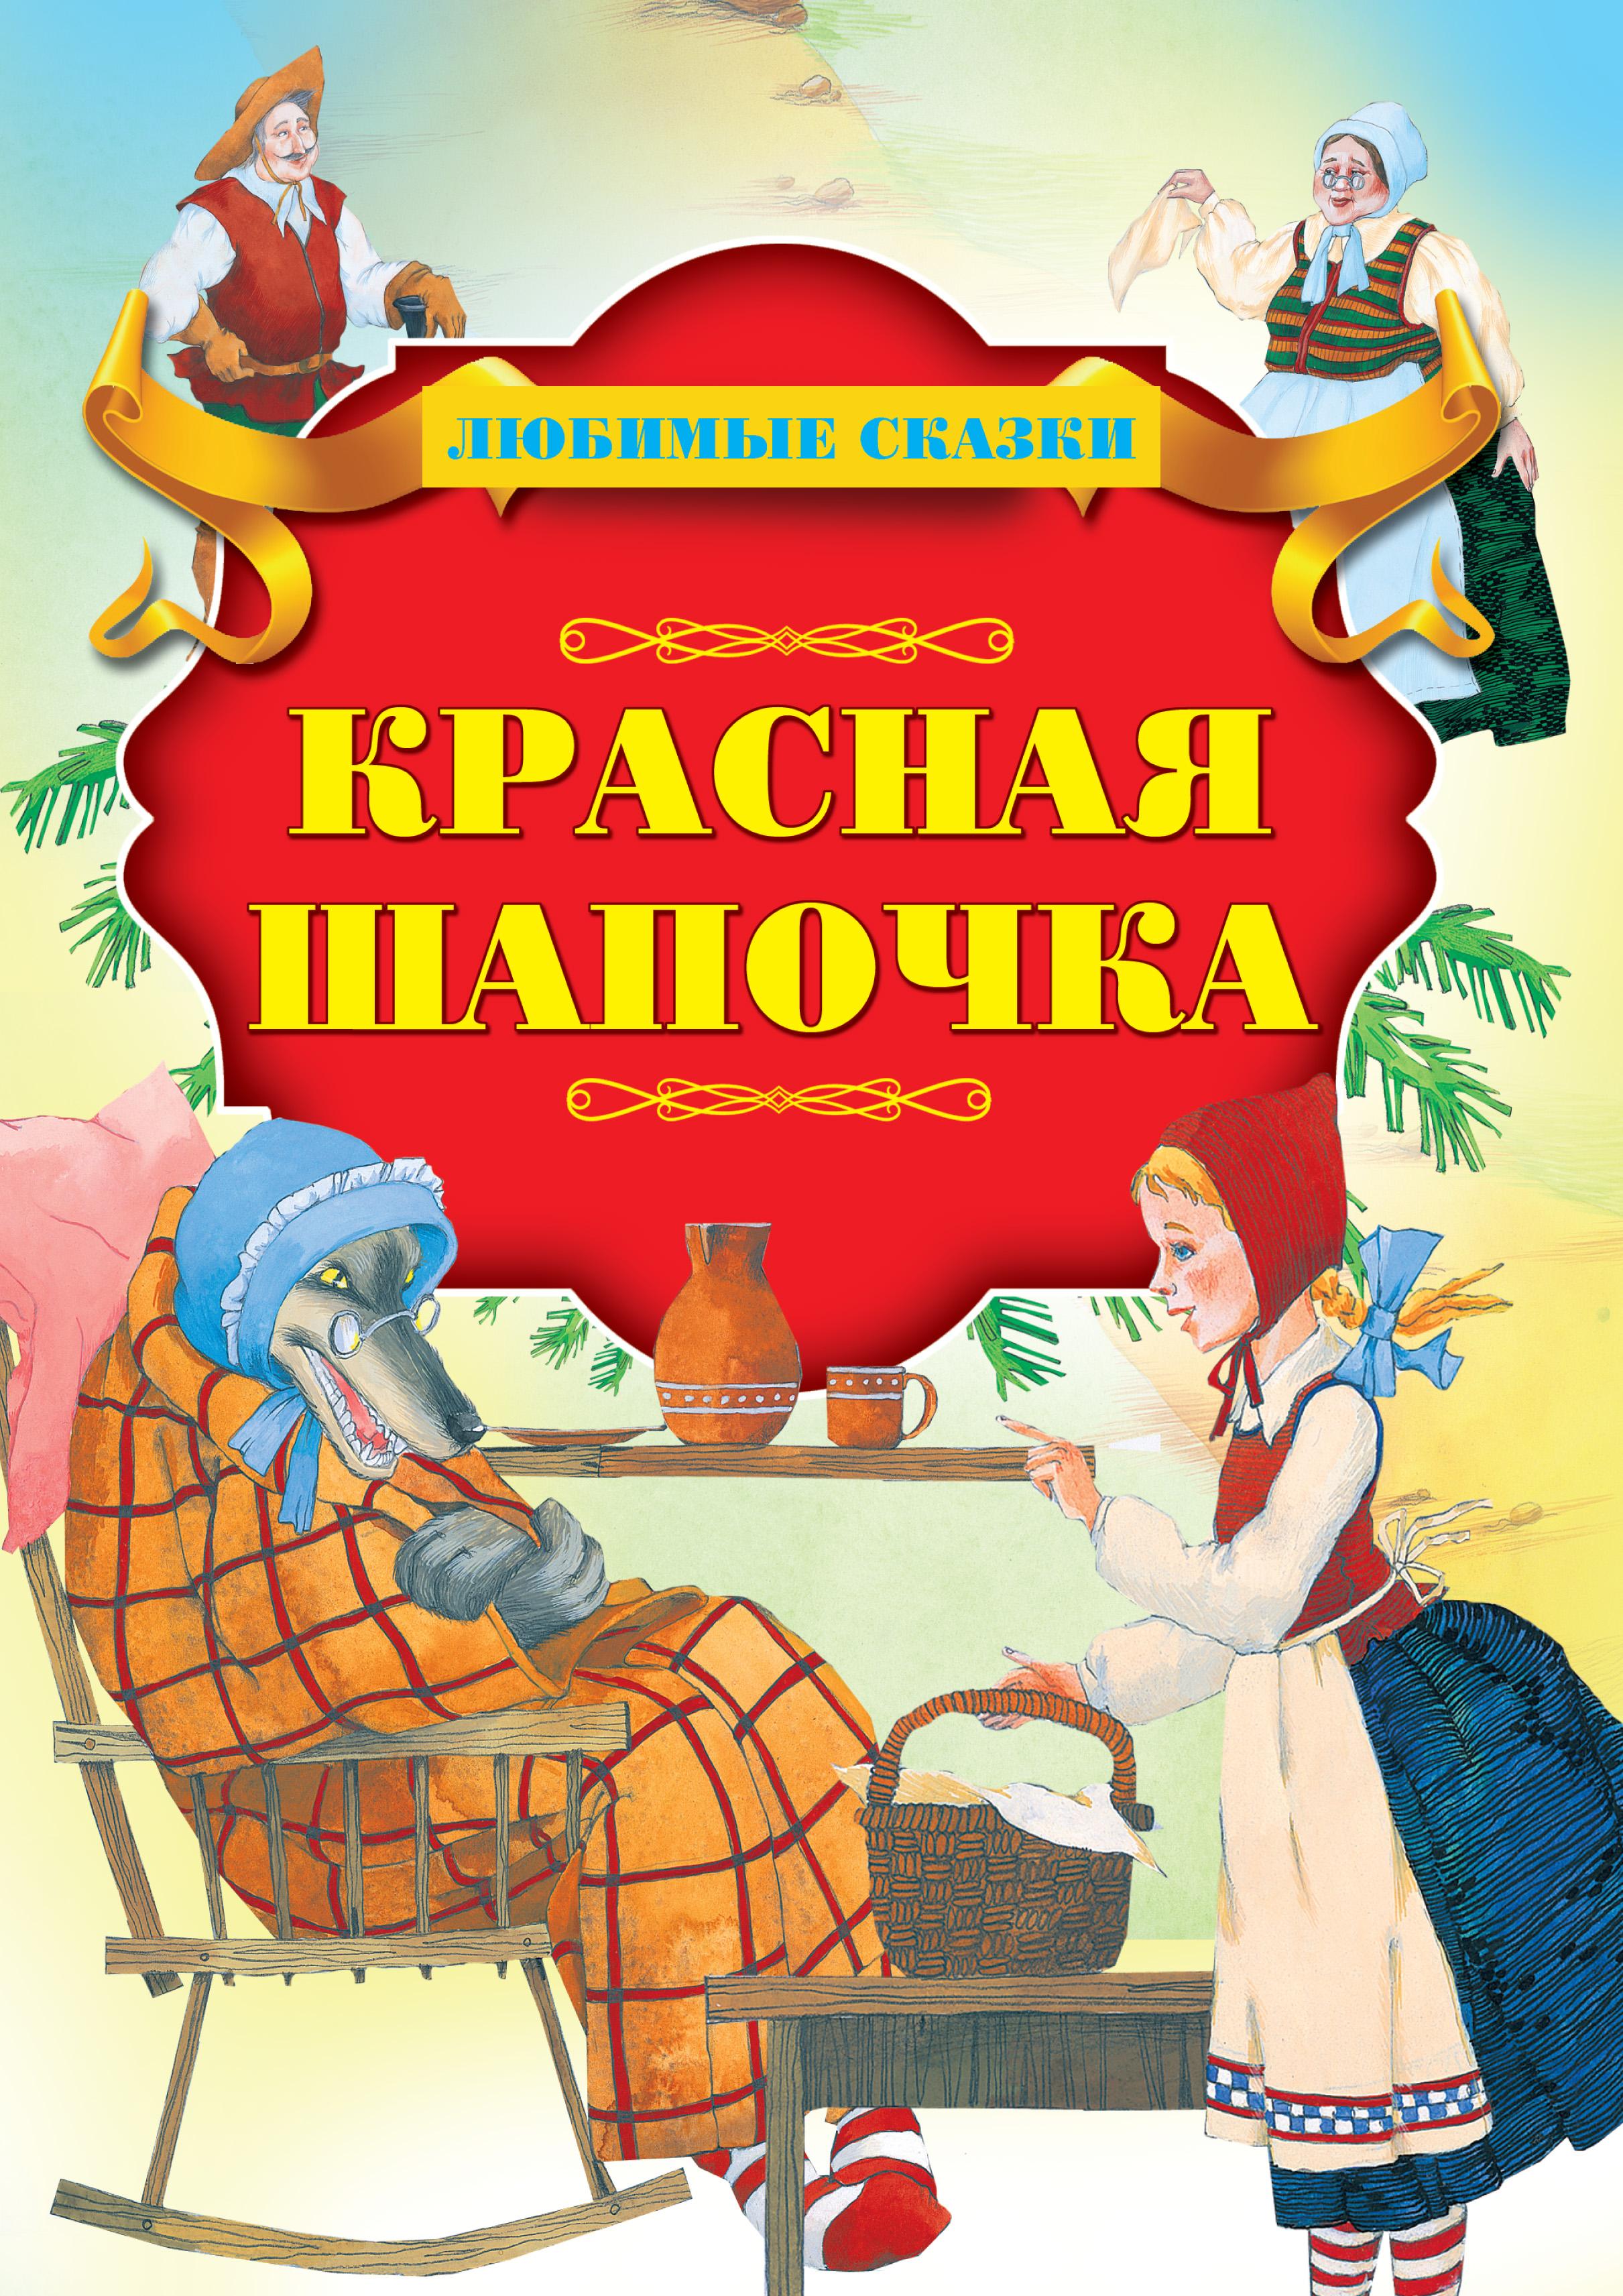 krasnaya shapochka